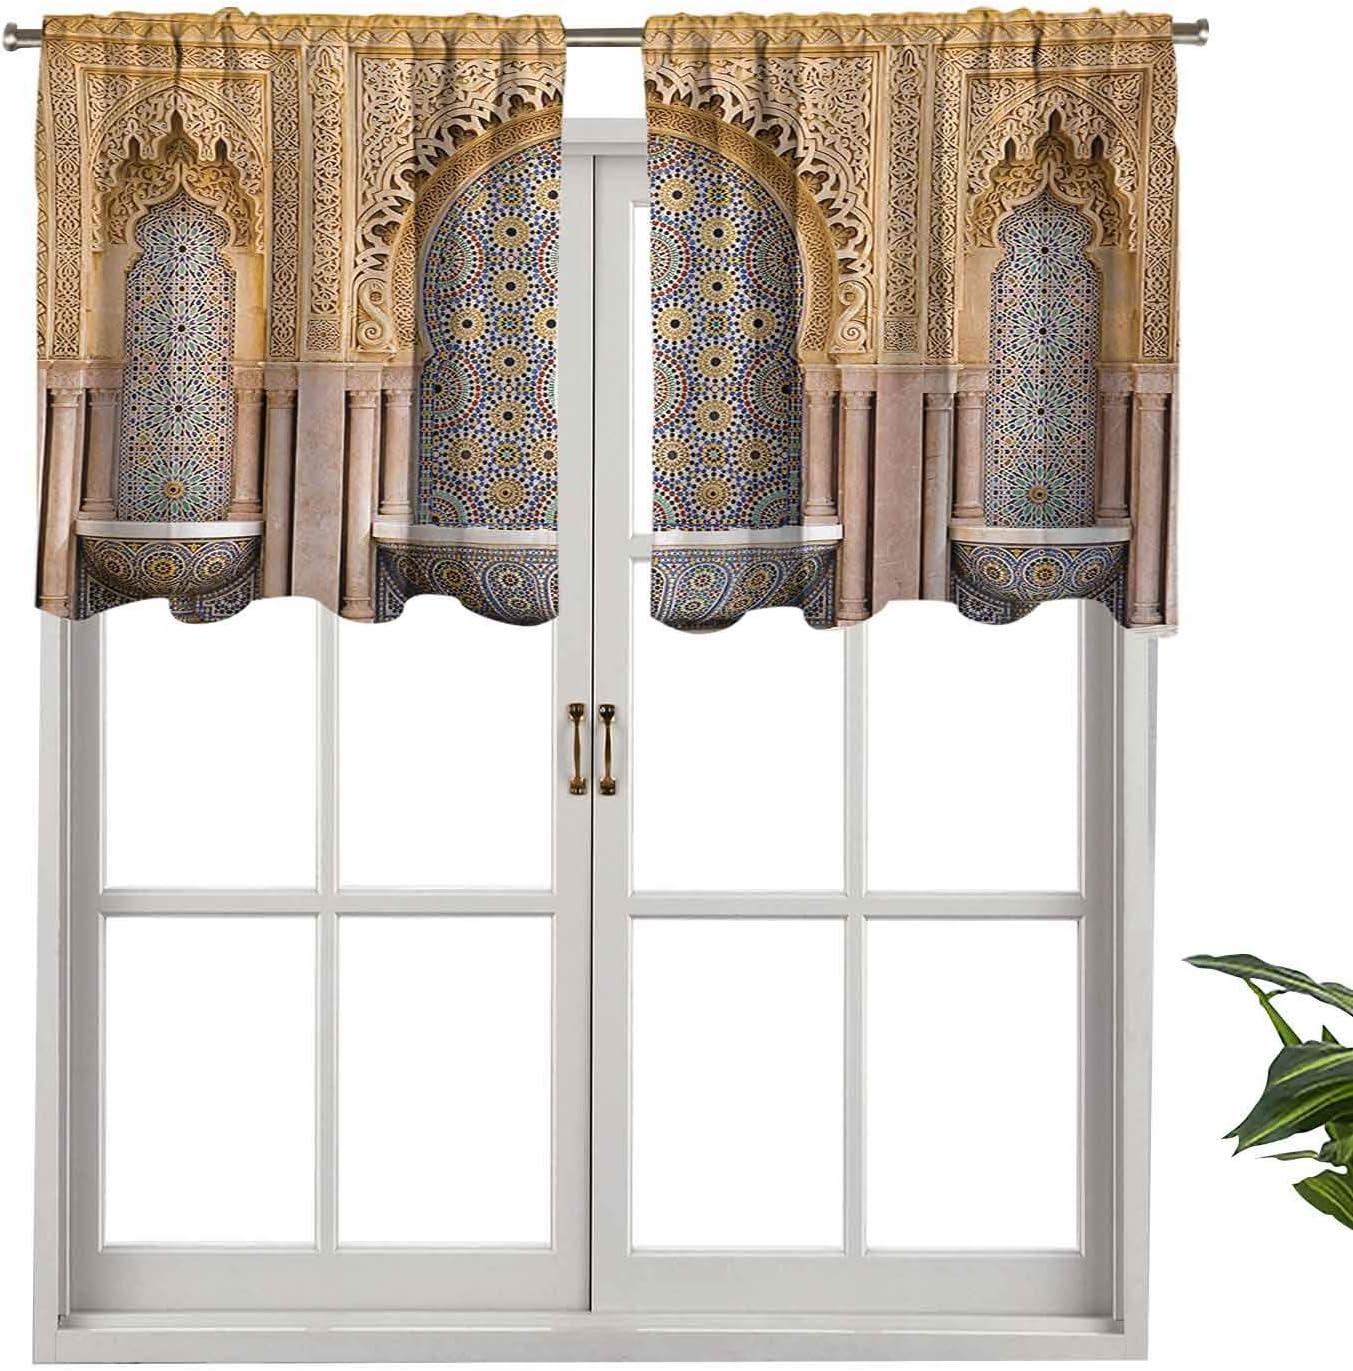 Hiiiman Cenefa moderna para ventana con diseño de fuente marroquí en la ciudad de Rabat, juego de 2, 106,7 x 60,9 cm, paneles opacos decorativos para el hogar para sala de estar